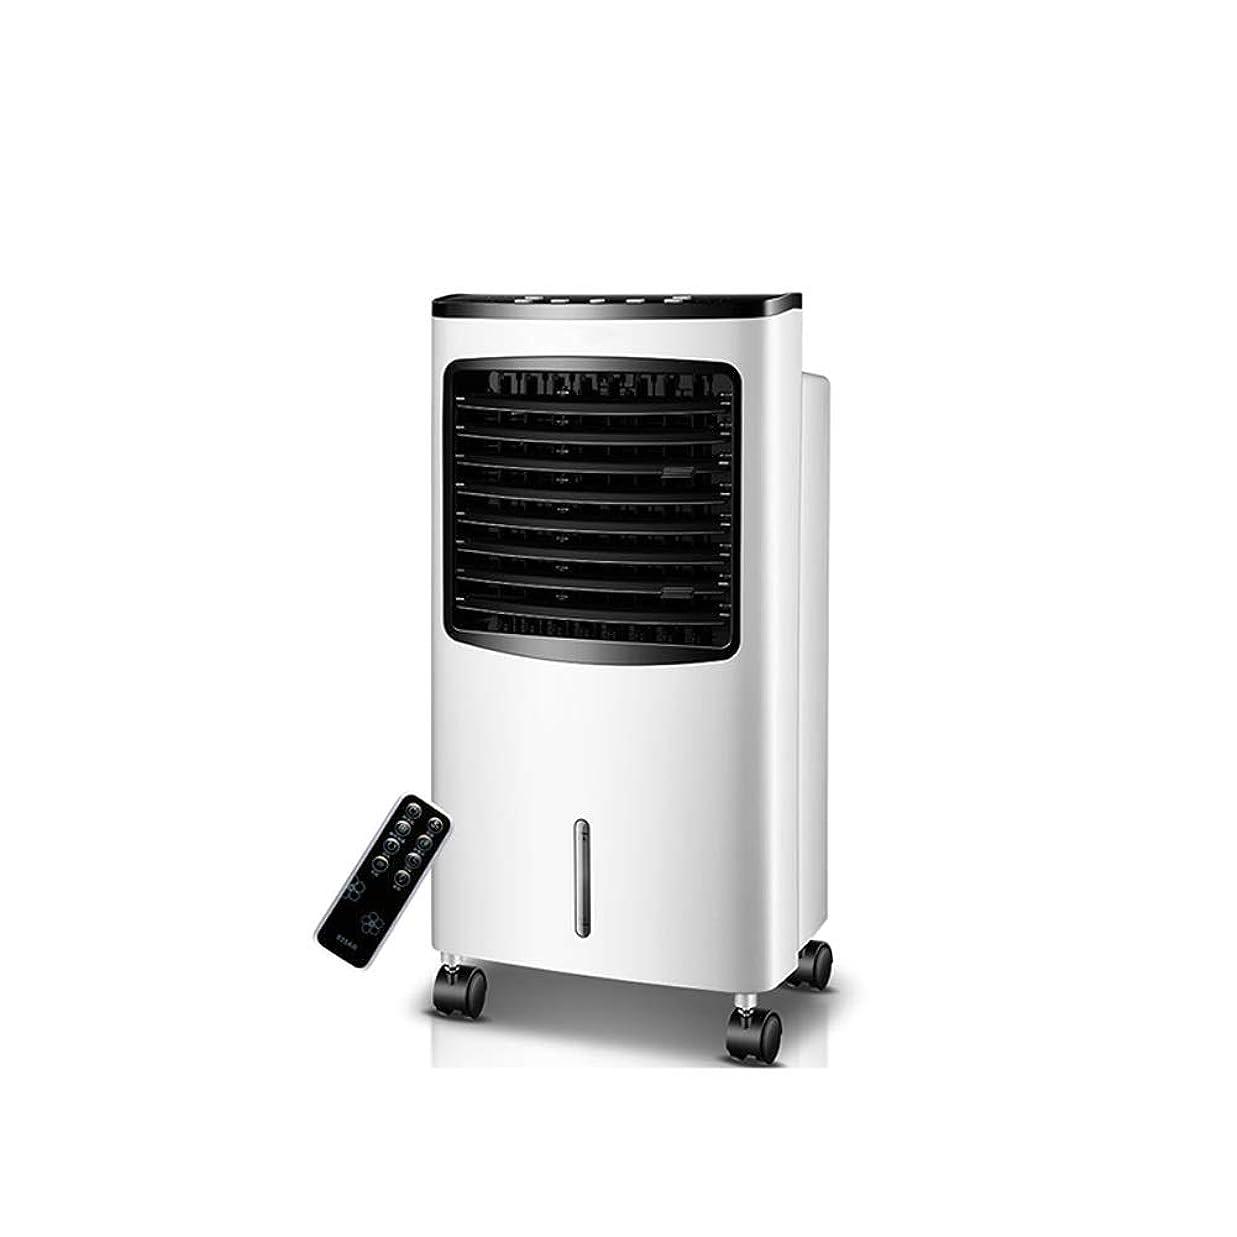 子健康期限LPD-冷風機 ポータブル蒸発エアコンタワー冷気クーラーファンモバイルエアコンリモートコントロールタイミングマイナスイオン精製低ノイズ